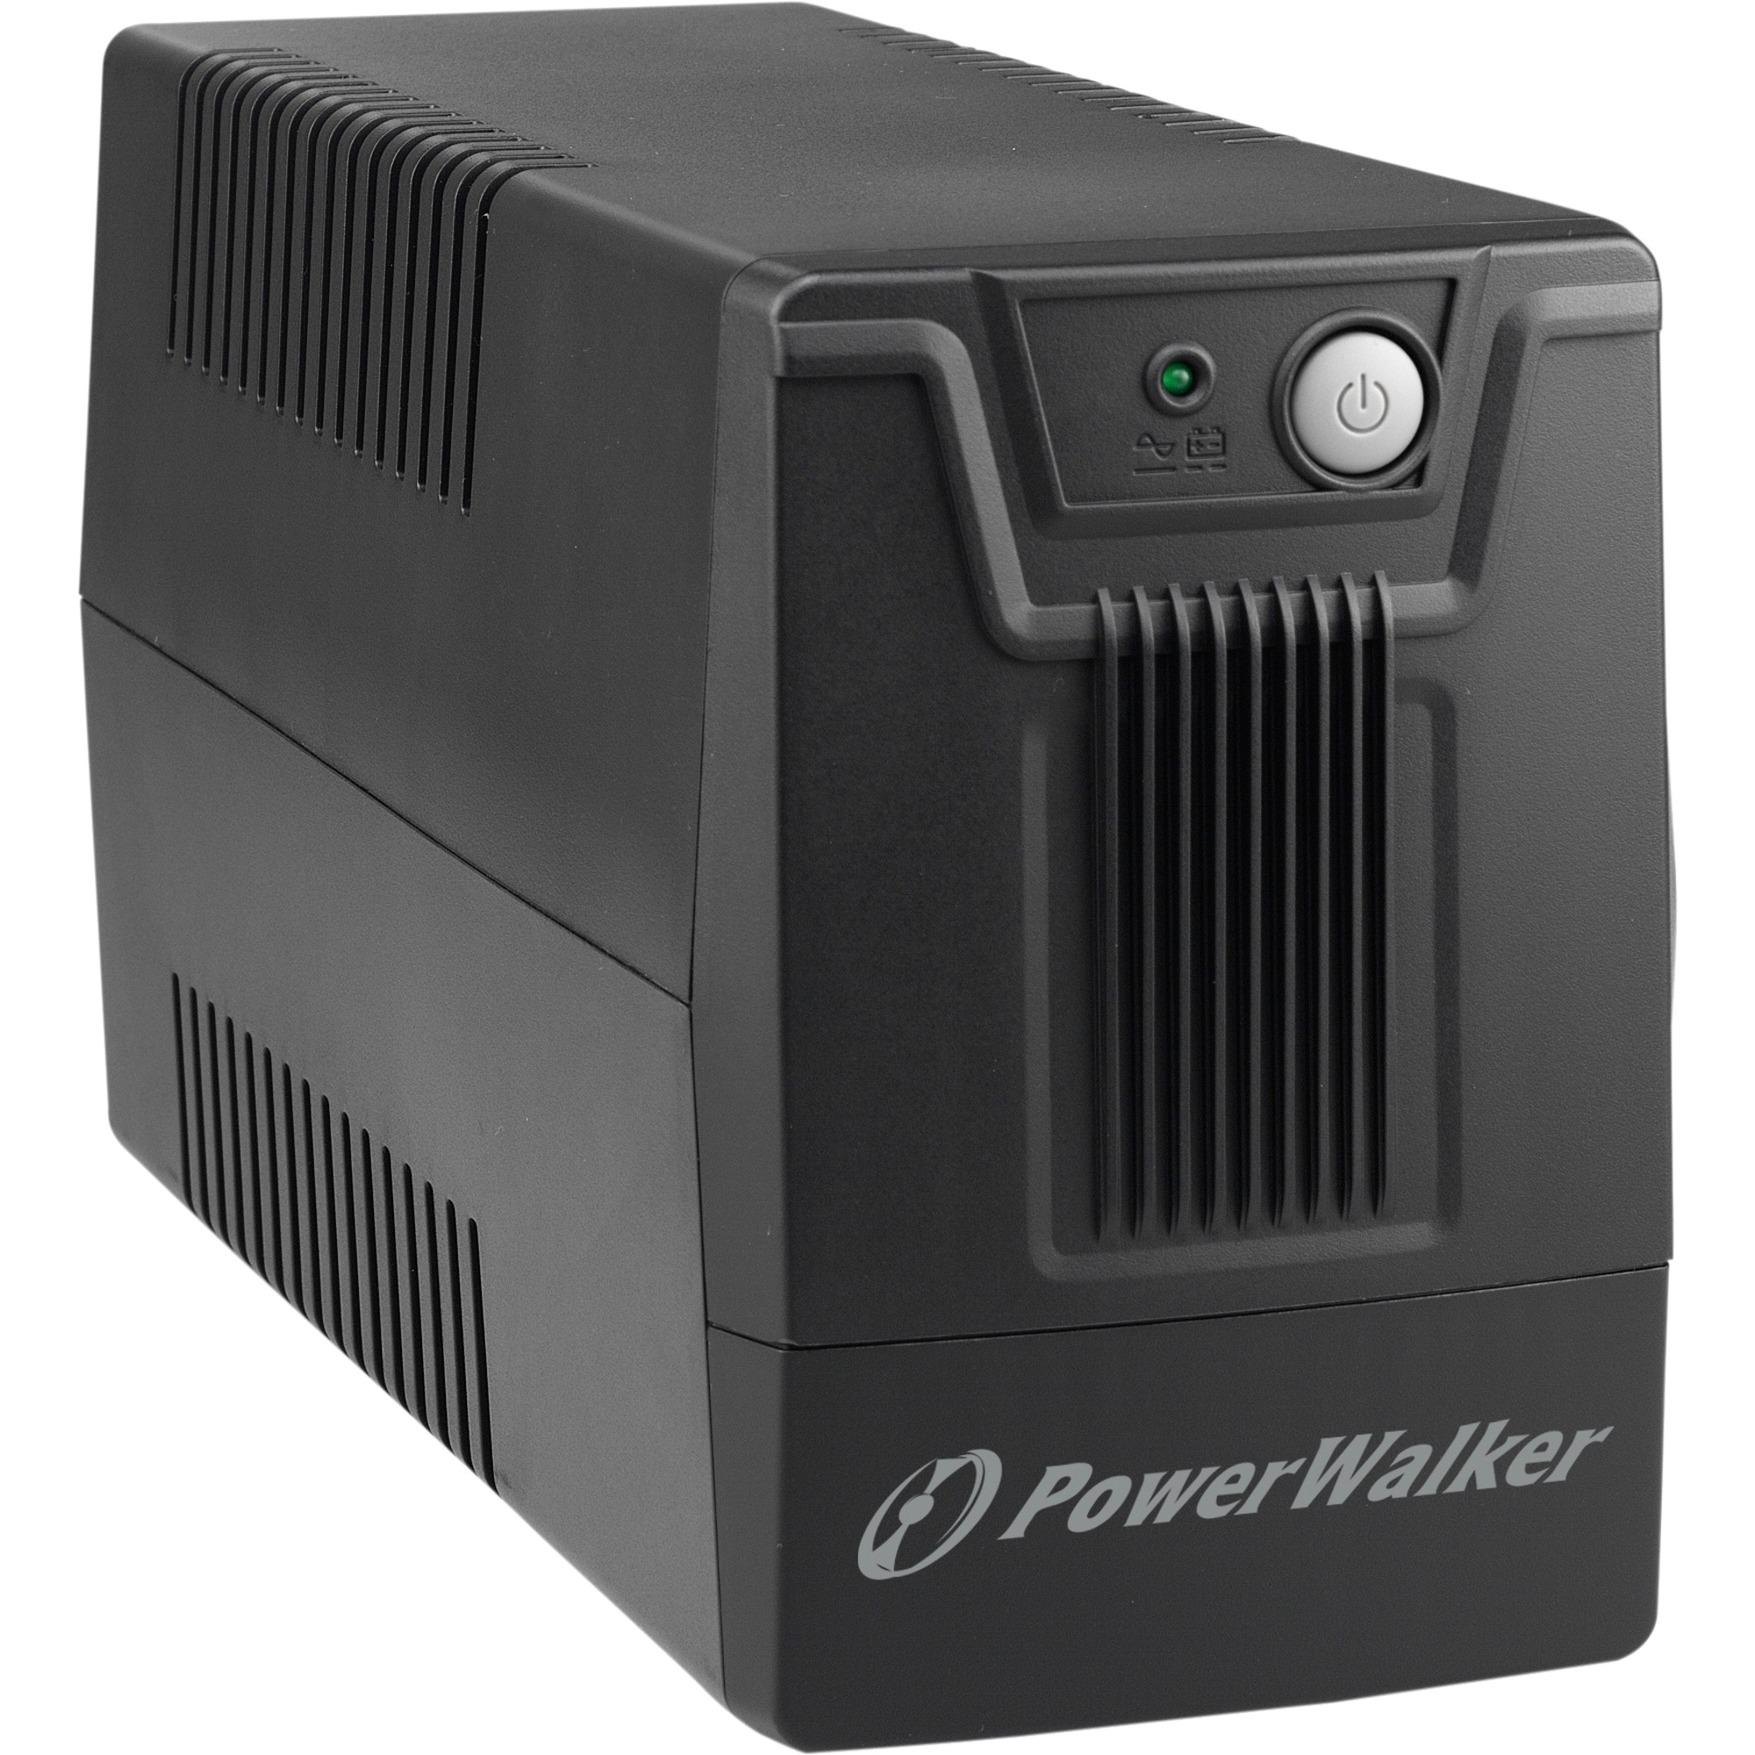 10121025 sistema de alimentación ininterrumpida (UPS) 800 VA 2 salidas AC Línea interactiva